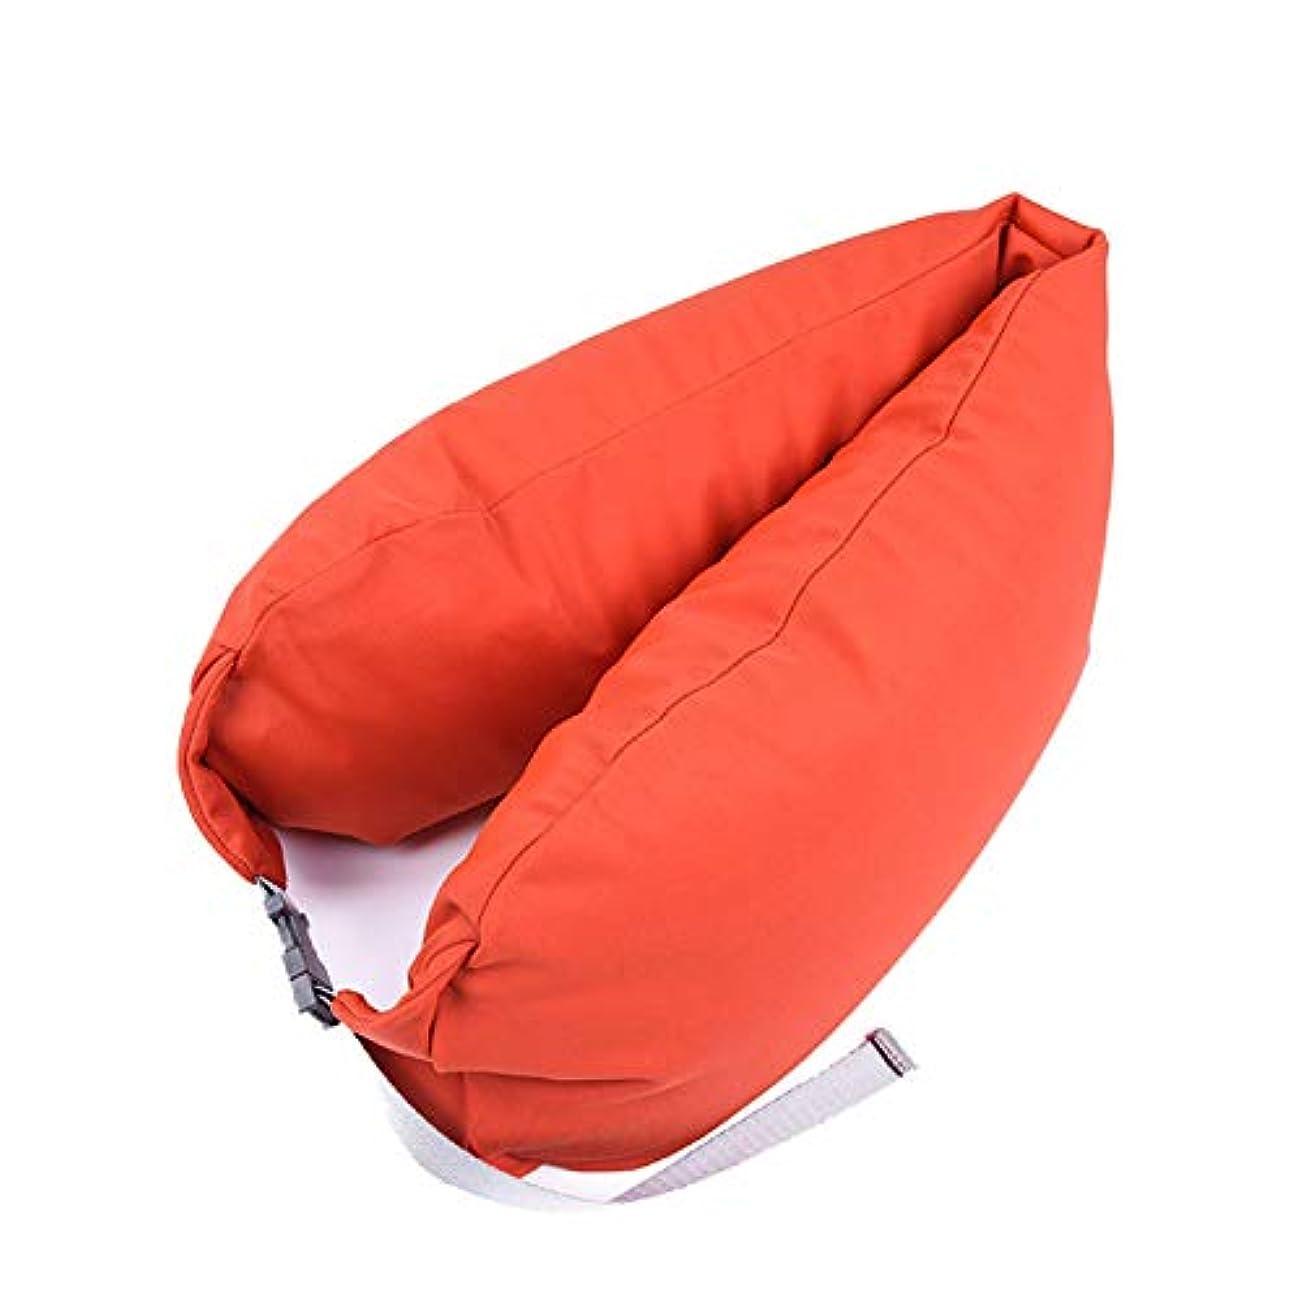 社会主義者栄光のマットSMART ホームオフィス背もたれ椅子腰椎クッションカーシートネック枕 3D 低反発サポートバックマッサージウエストレスリビング枕 クッション 椅子